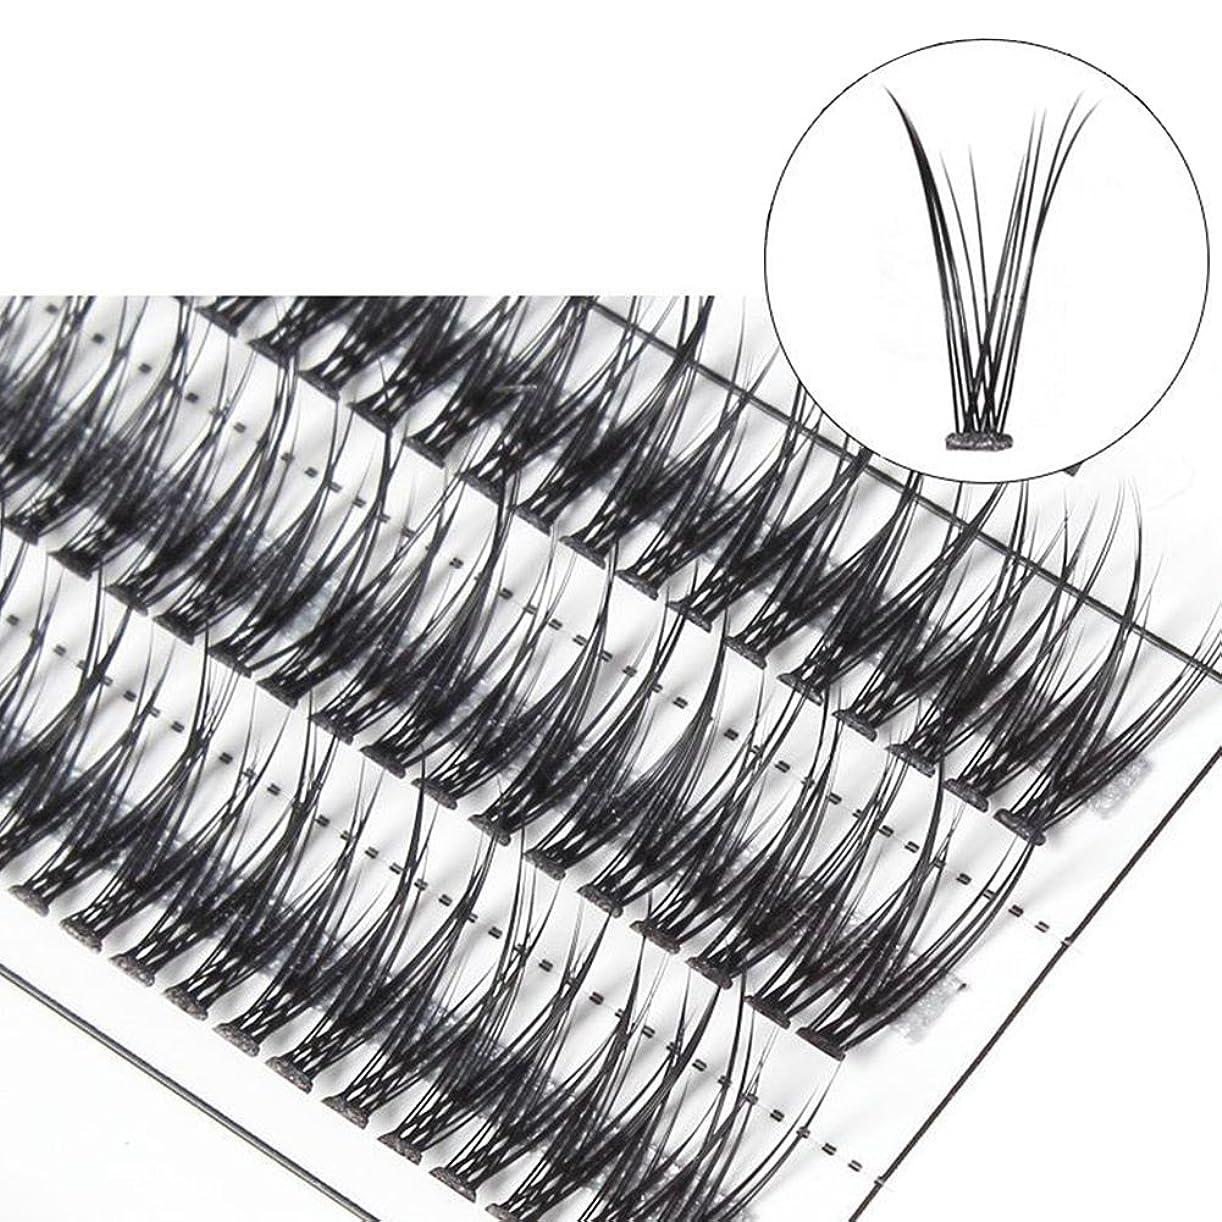 インカ帝国ポスト印象派告発者goupgolboll-女性交差グラフト個々の天然つけまつげまつげエクステ - 10 mm